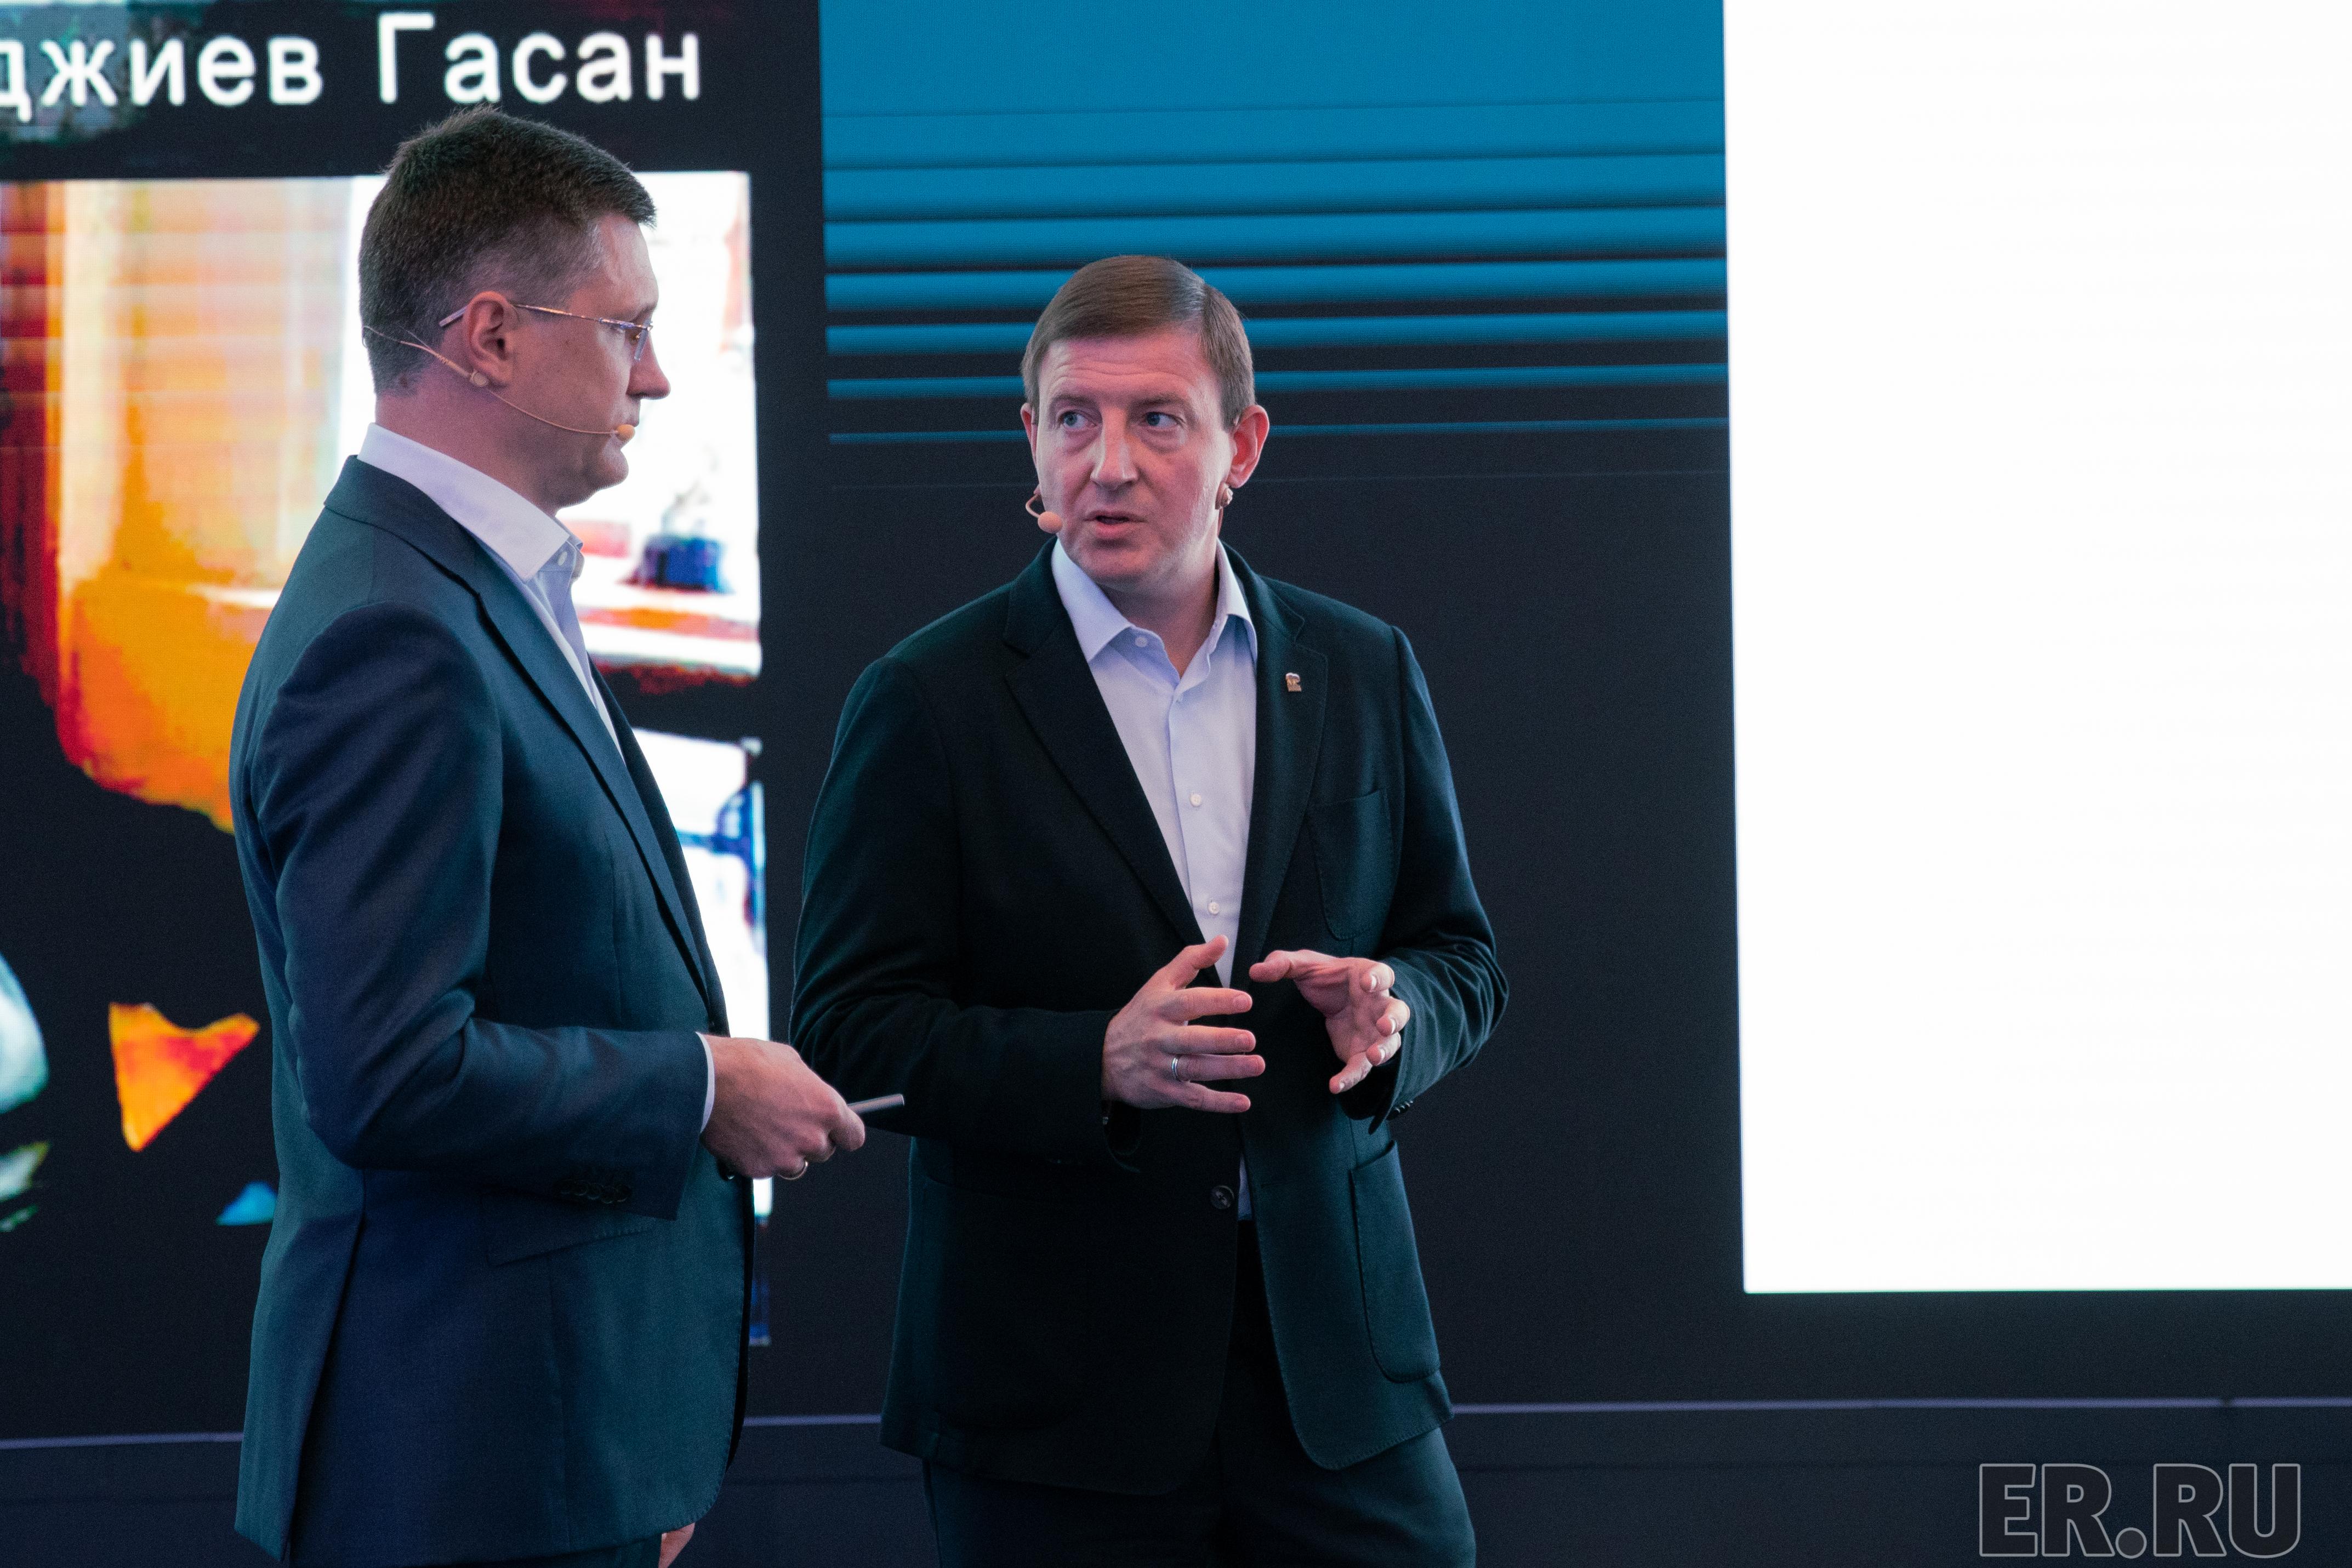 Встреча Андрея Турчака с вице-премьером Александром Новаком по  вопросам социальной газификации регионов